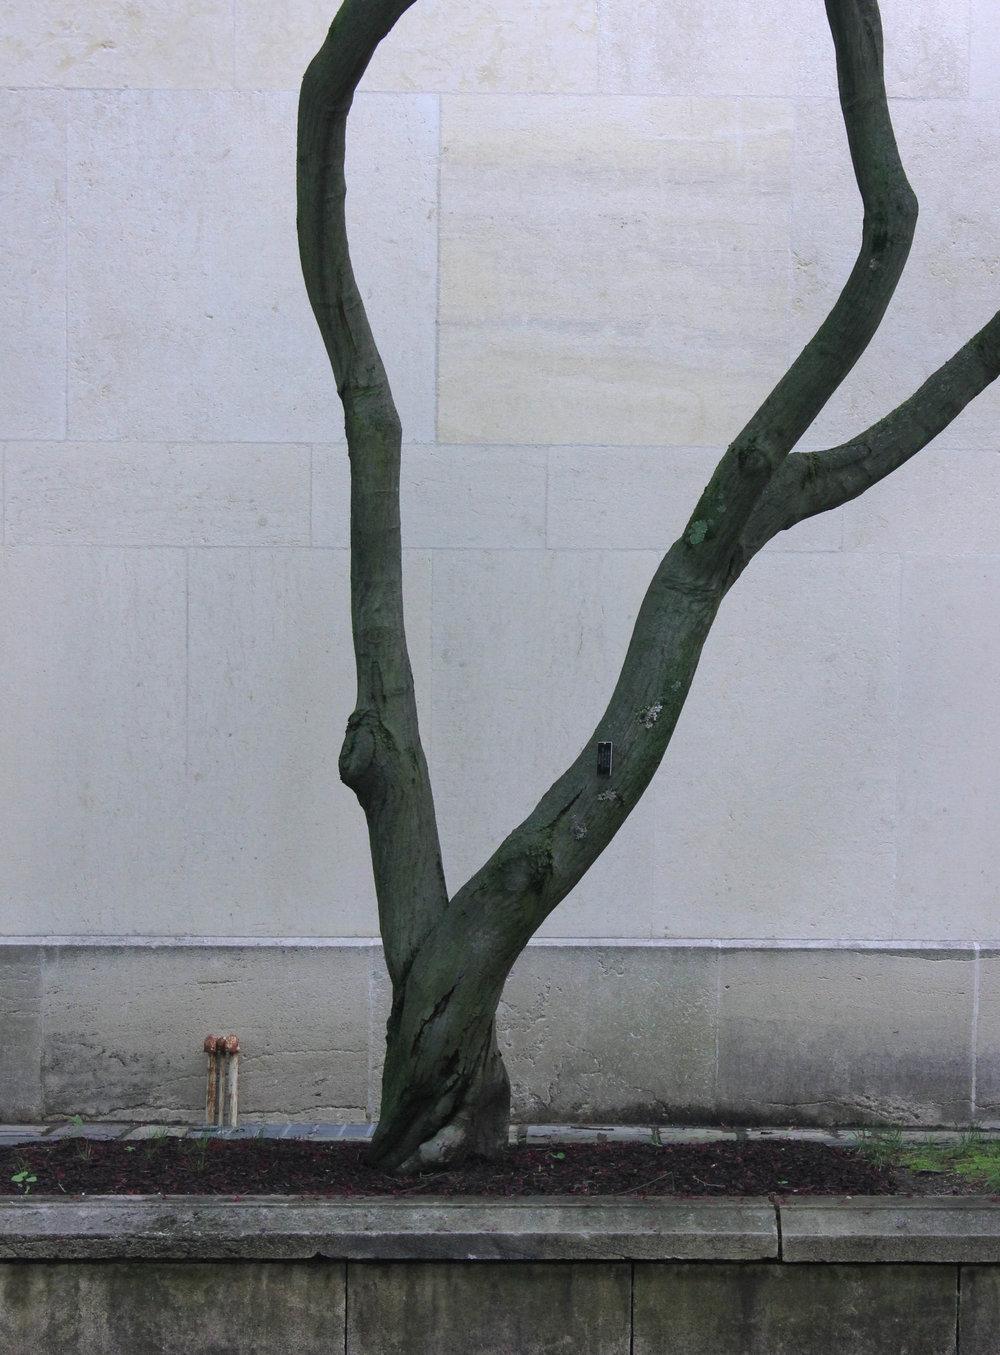 tree silhoutte-3130.jpg